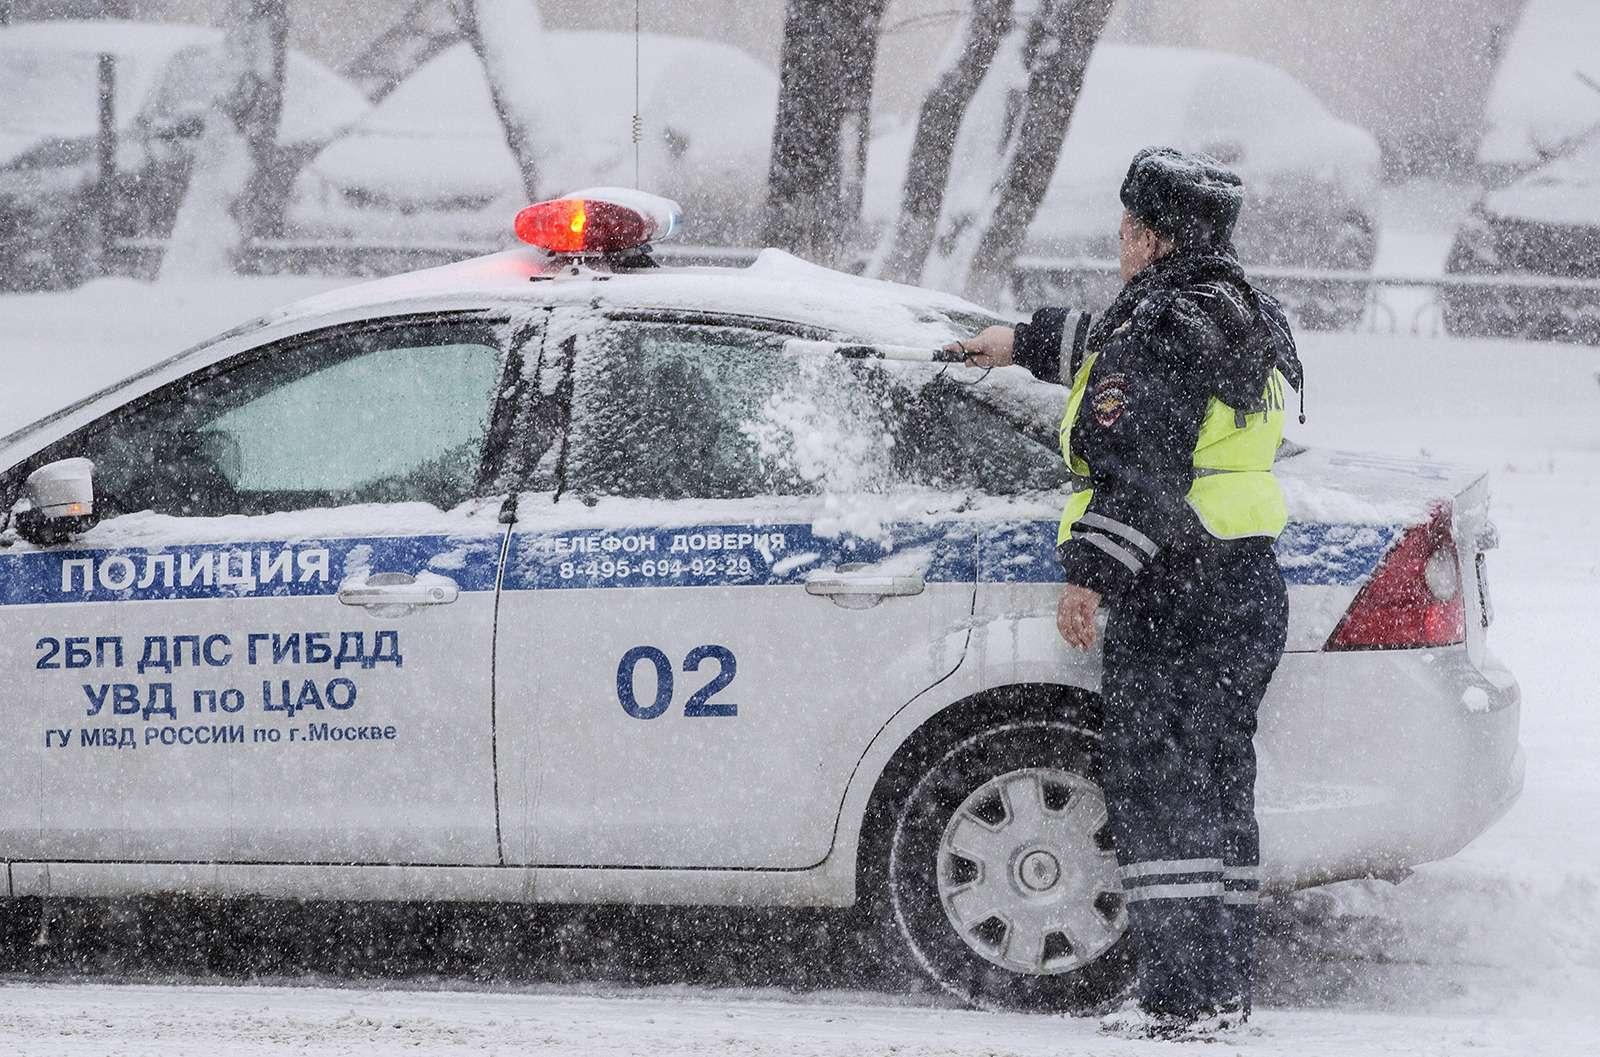 Зачто гаишник вас оштрафует зимой. Ибудет прав— фото 920571